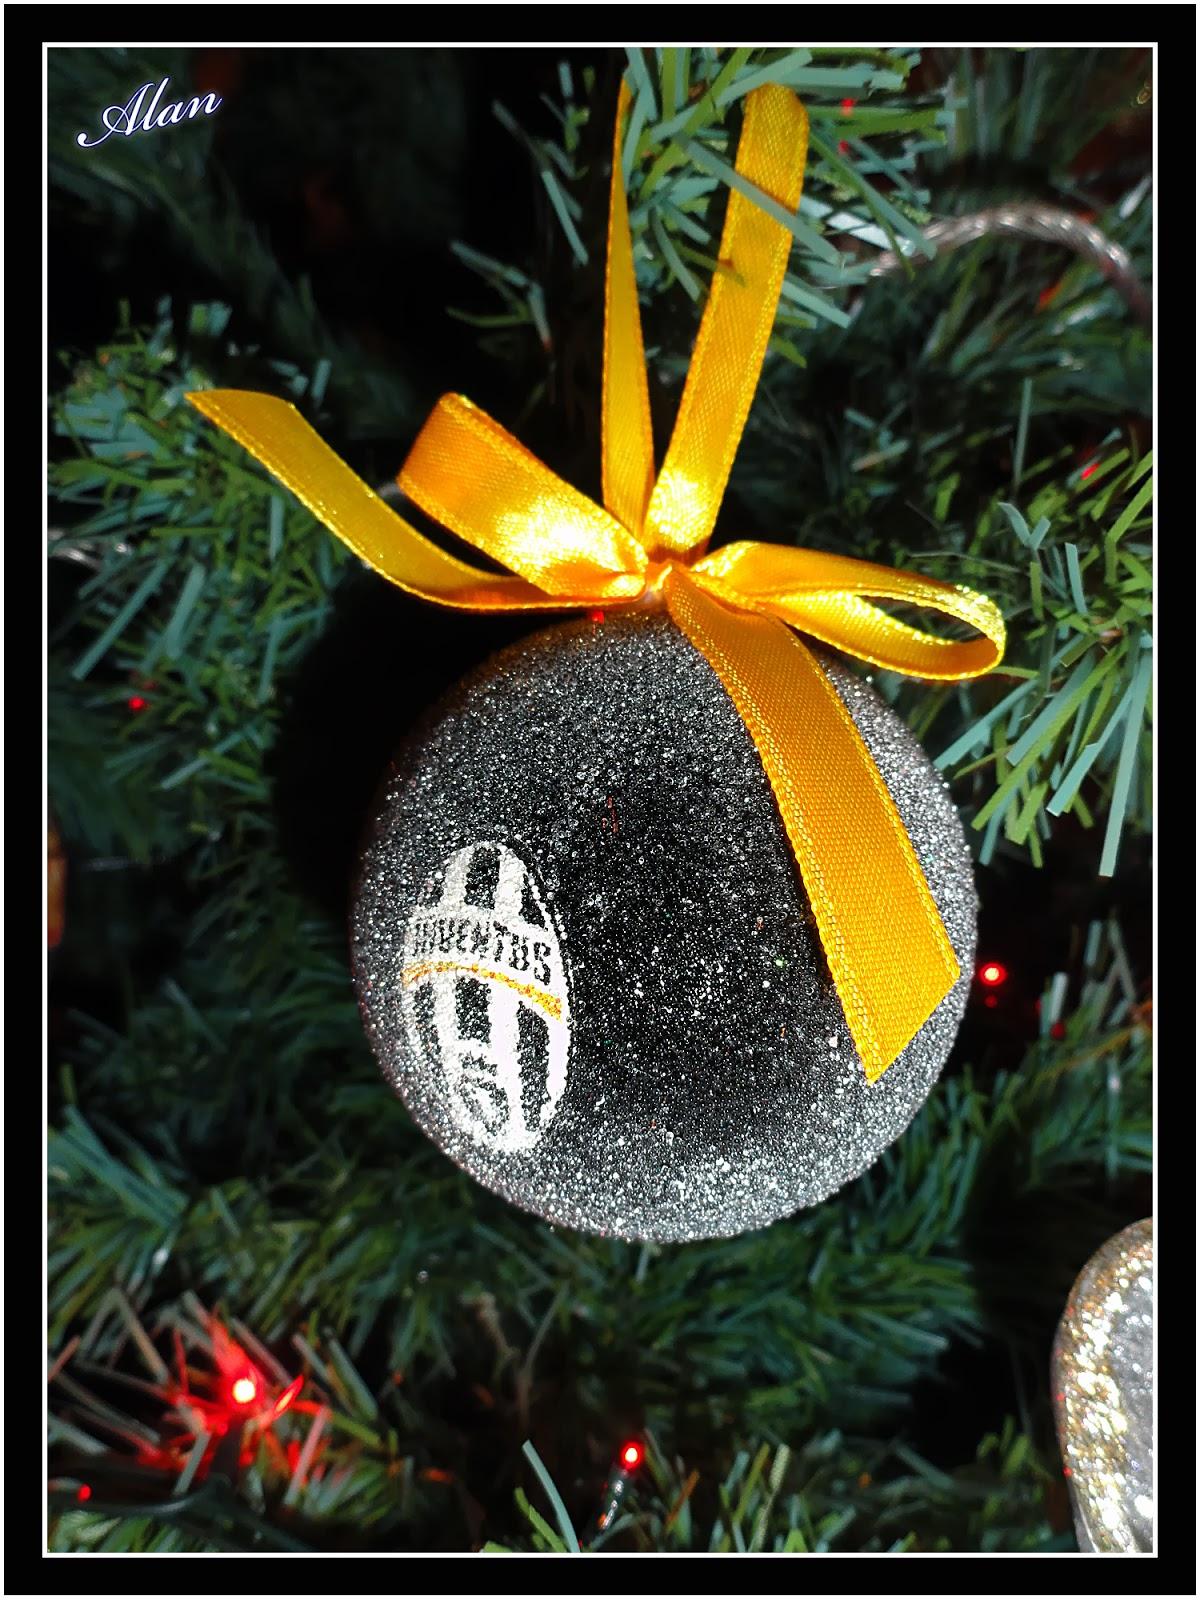 Juventus Buon Natale.Juventus Club Bitetto Gianni Umberto Agnelli Buon Natale E Felice Anno Nuovo